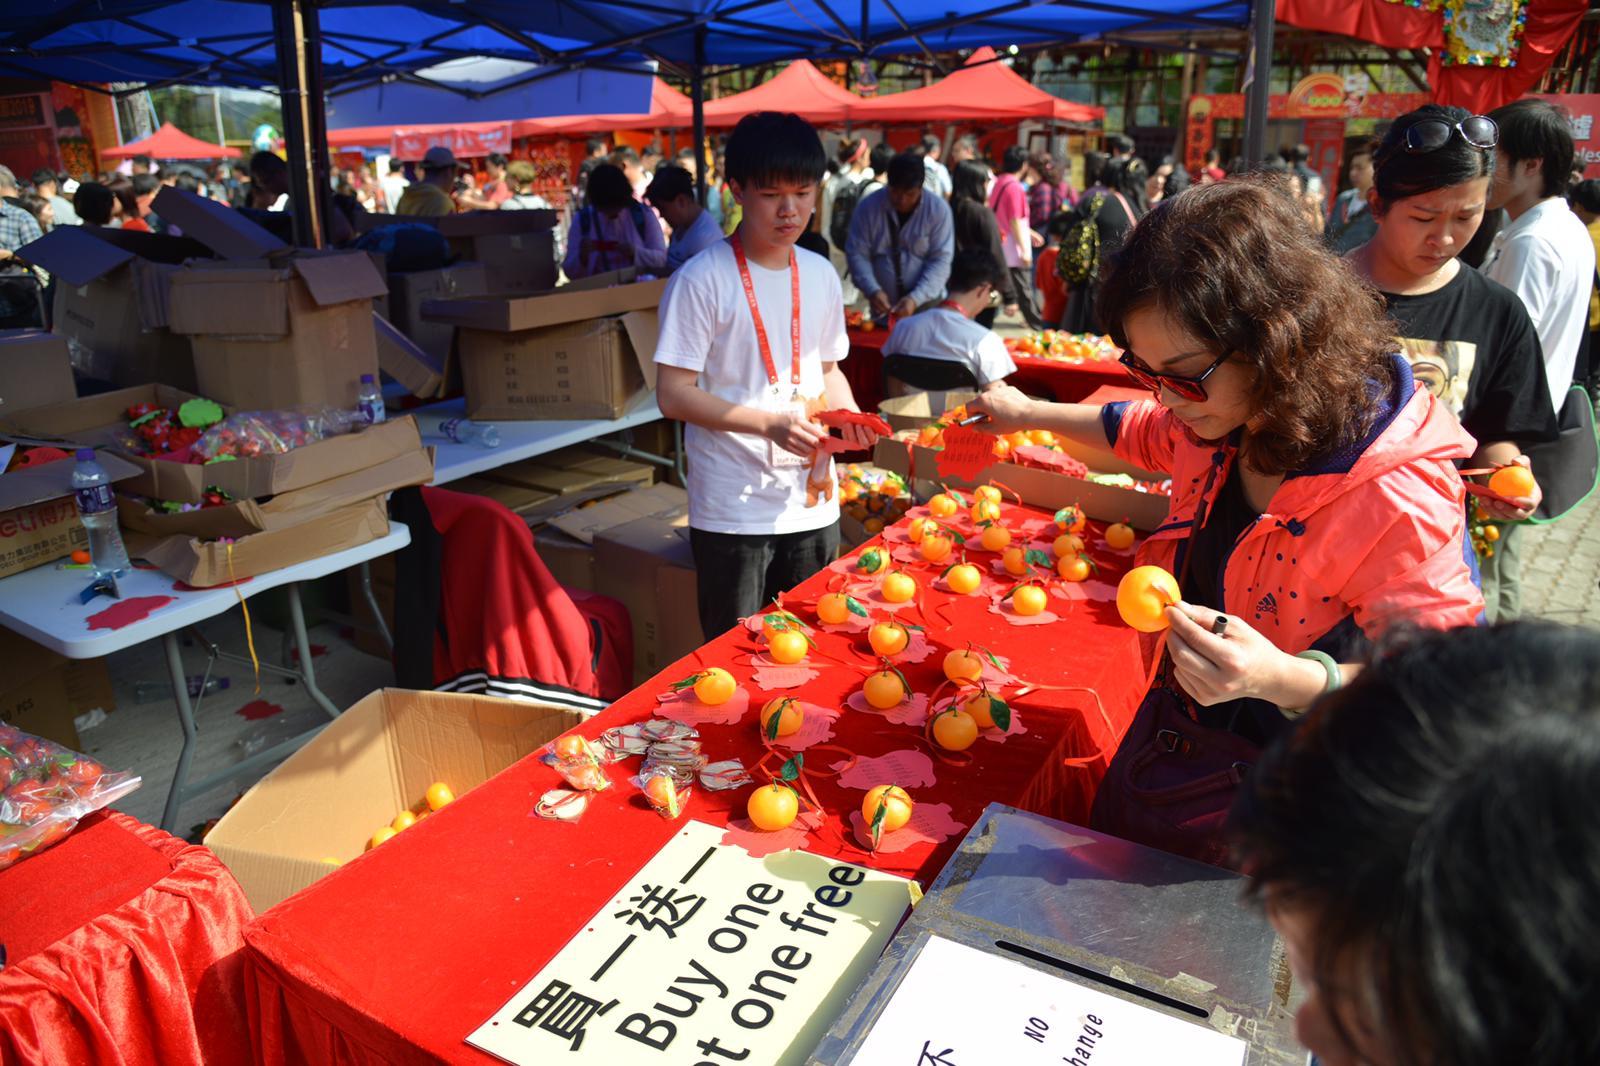 附膠橙的許願寶牒買一送一,以增加拋中的機會。